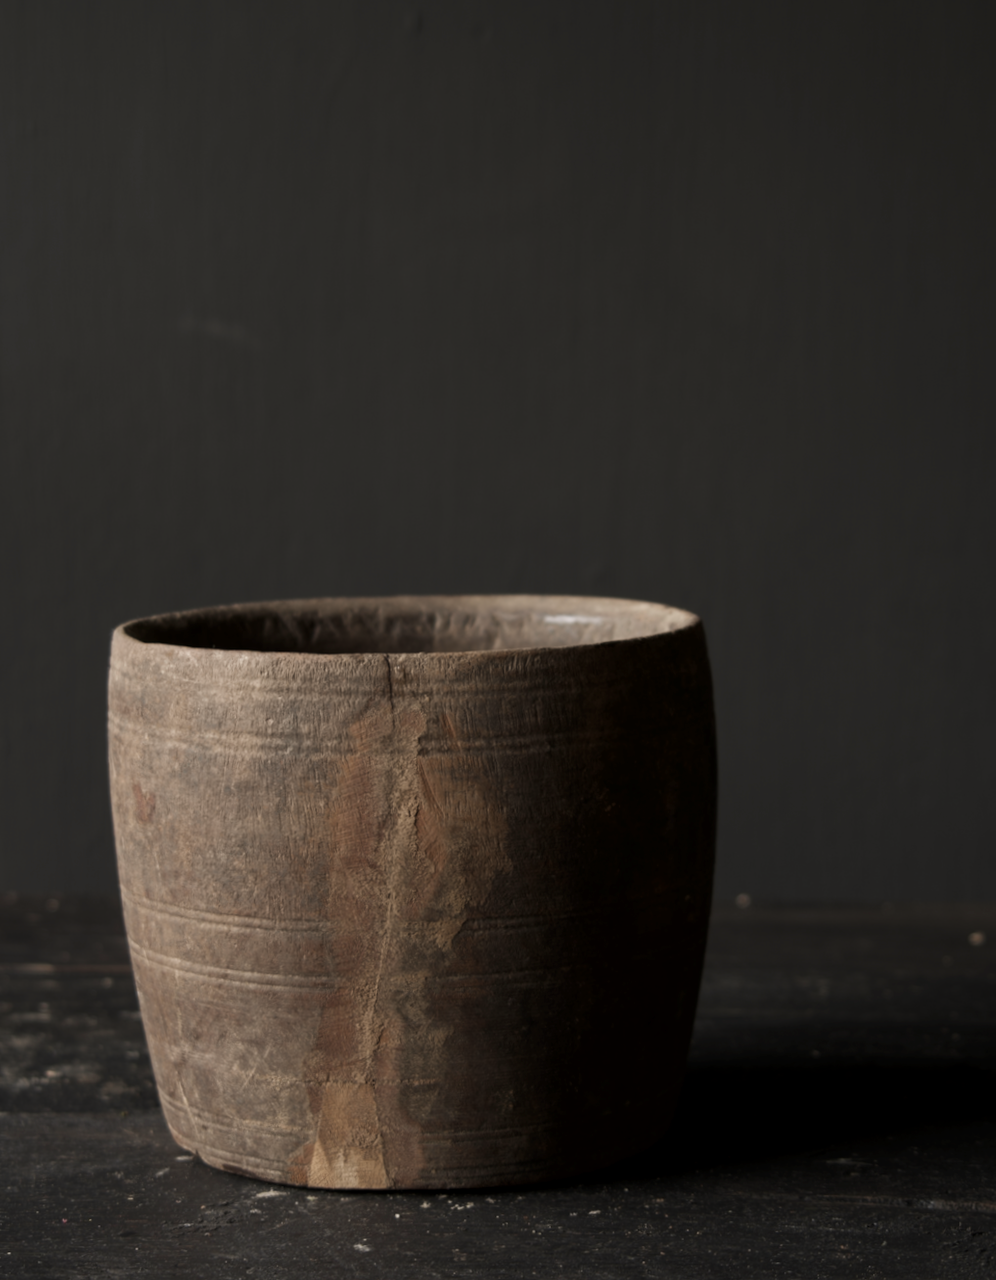 Nepalesischer alter hölzerner Topf oder Vase-5